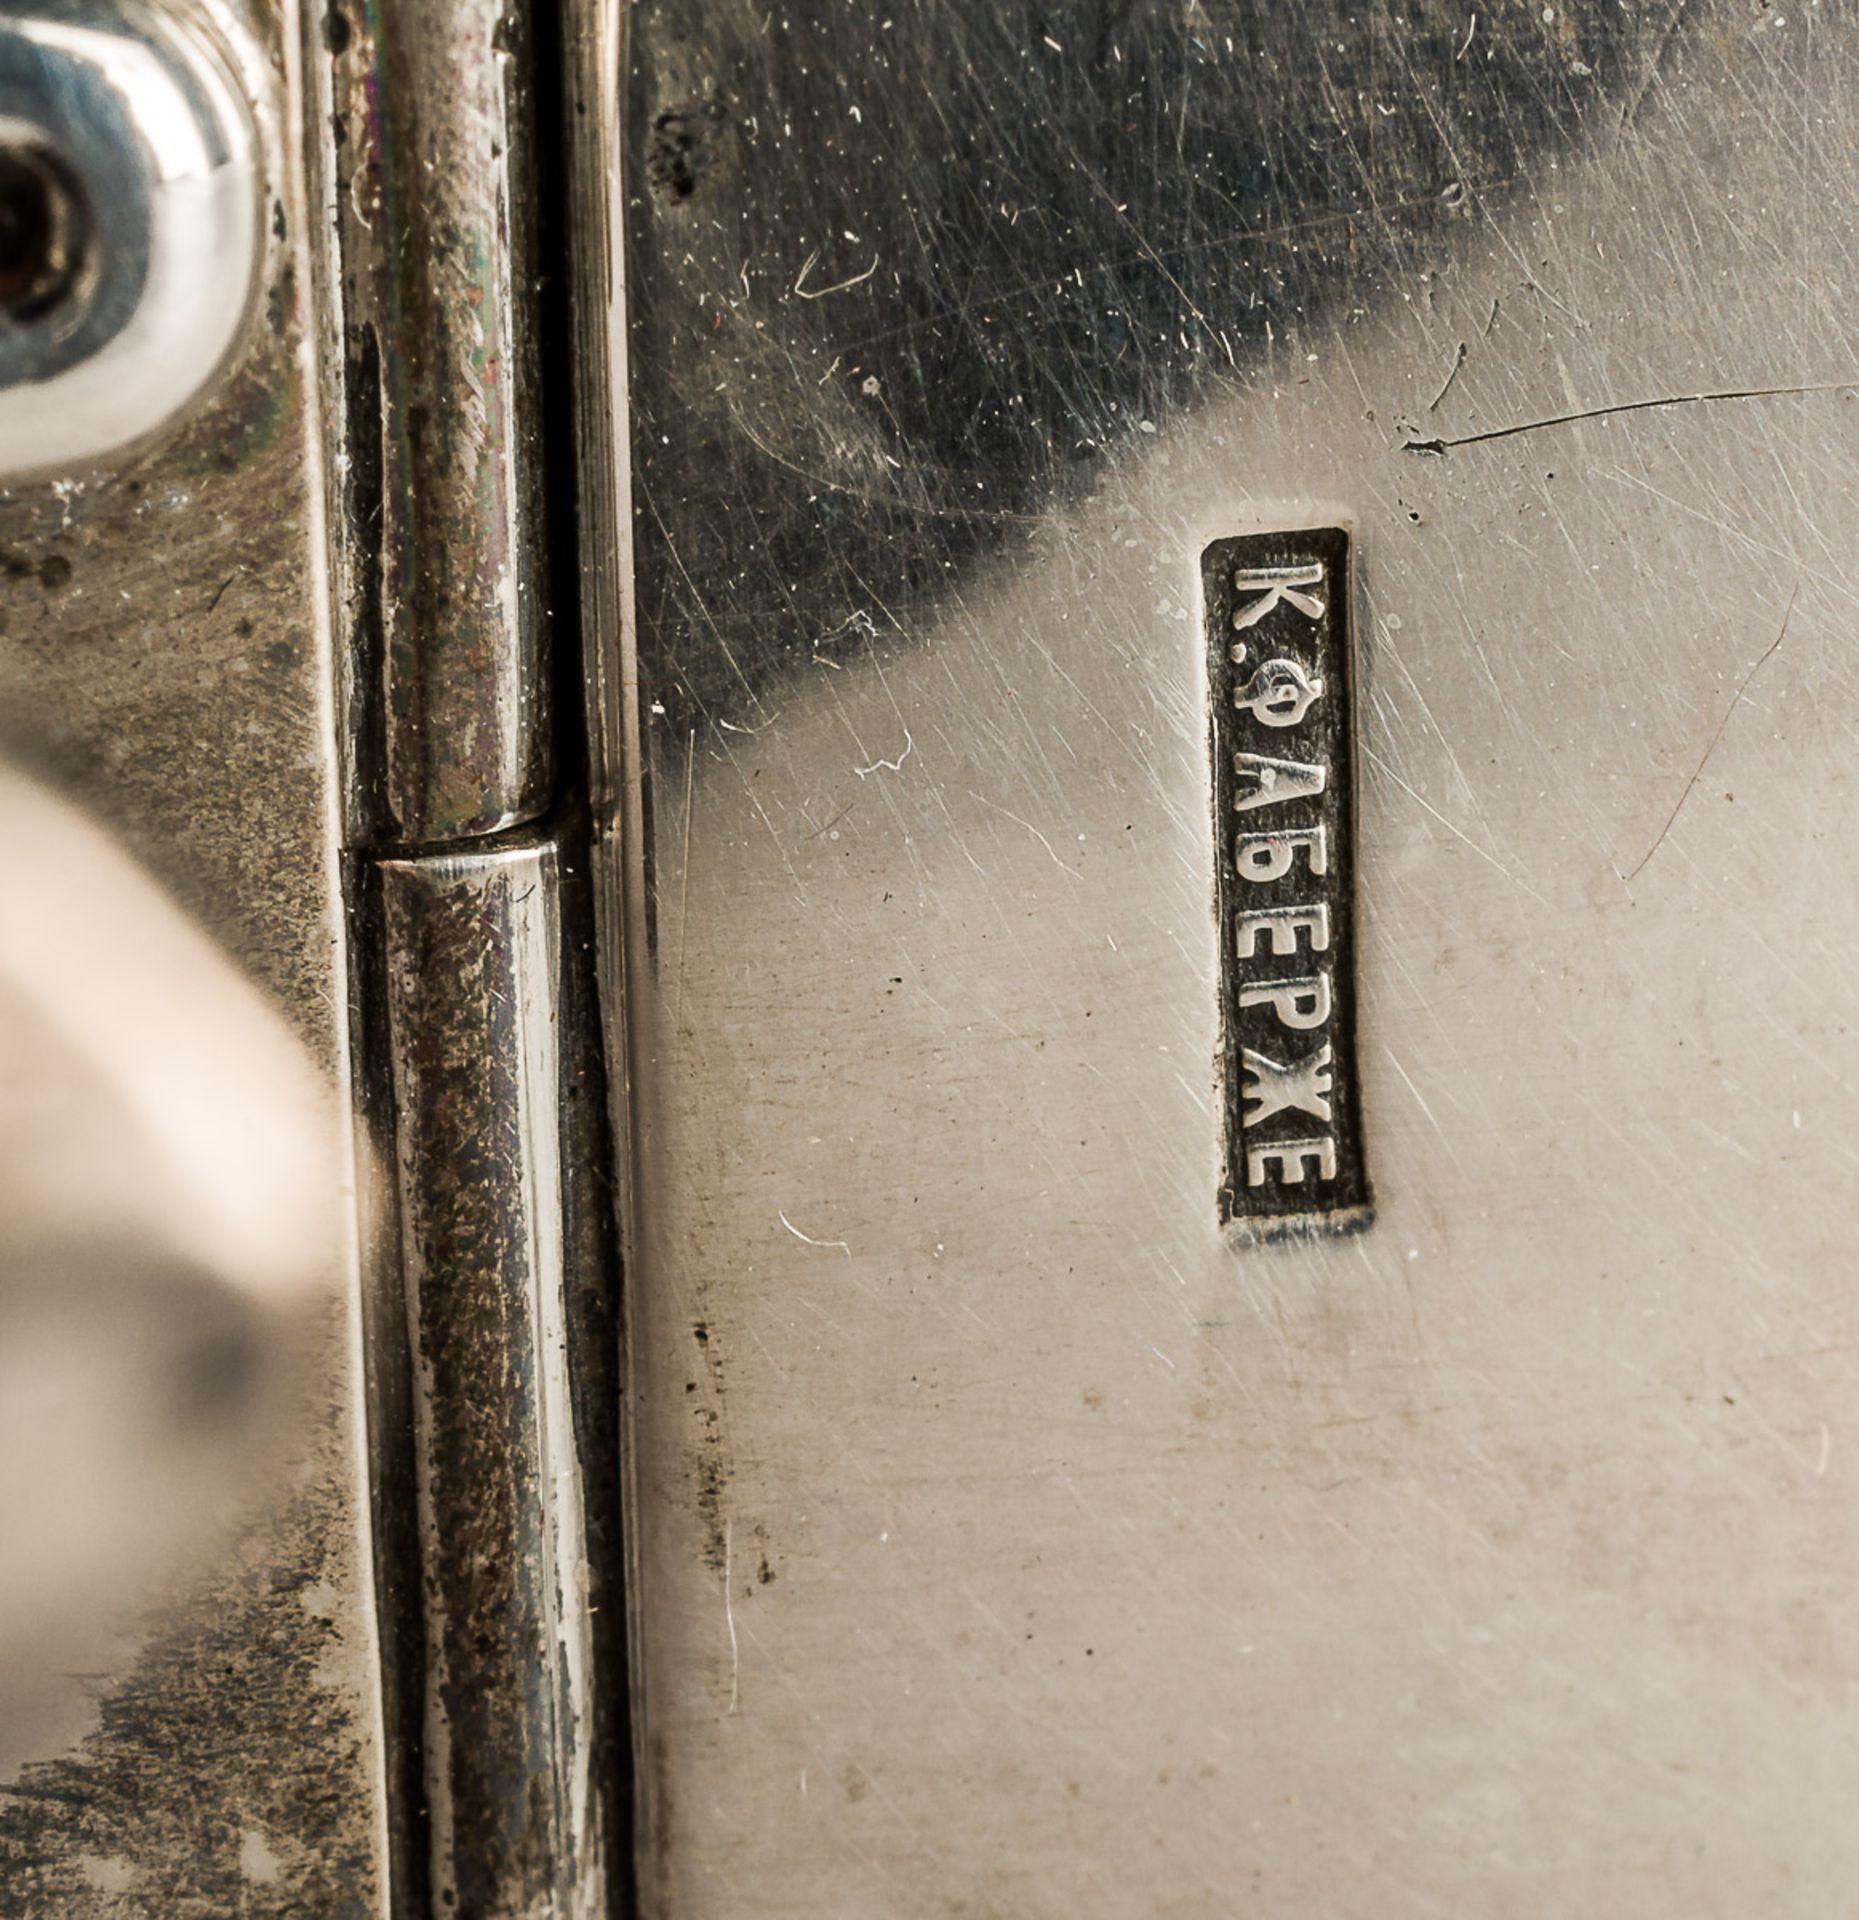 GROSSE ZIGARETTEN- UND ZIGARREN-BOX MIT MONOGRAMM UND DATUM 1. NOVEMBER 1893 - Bild 5 aus 5